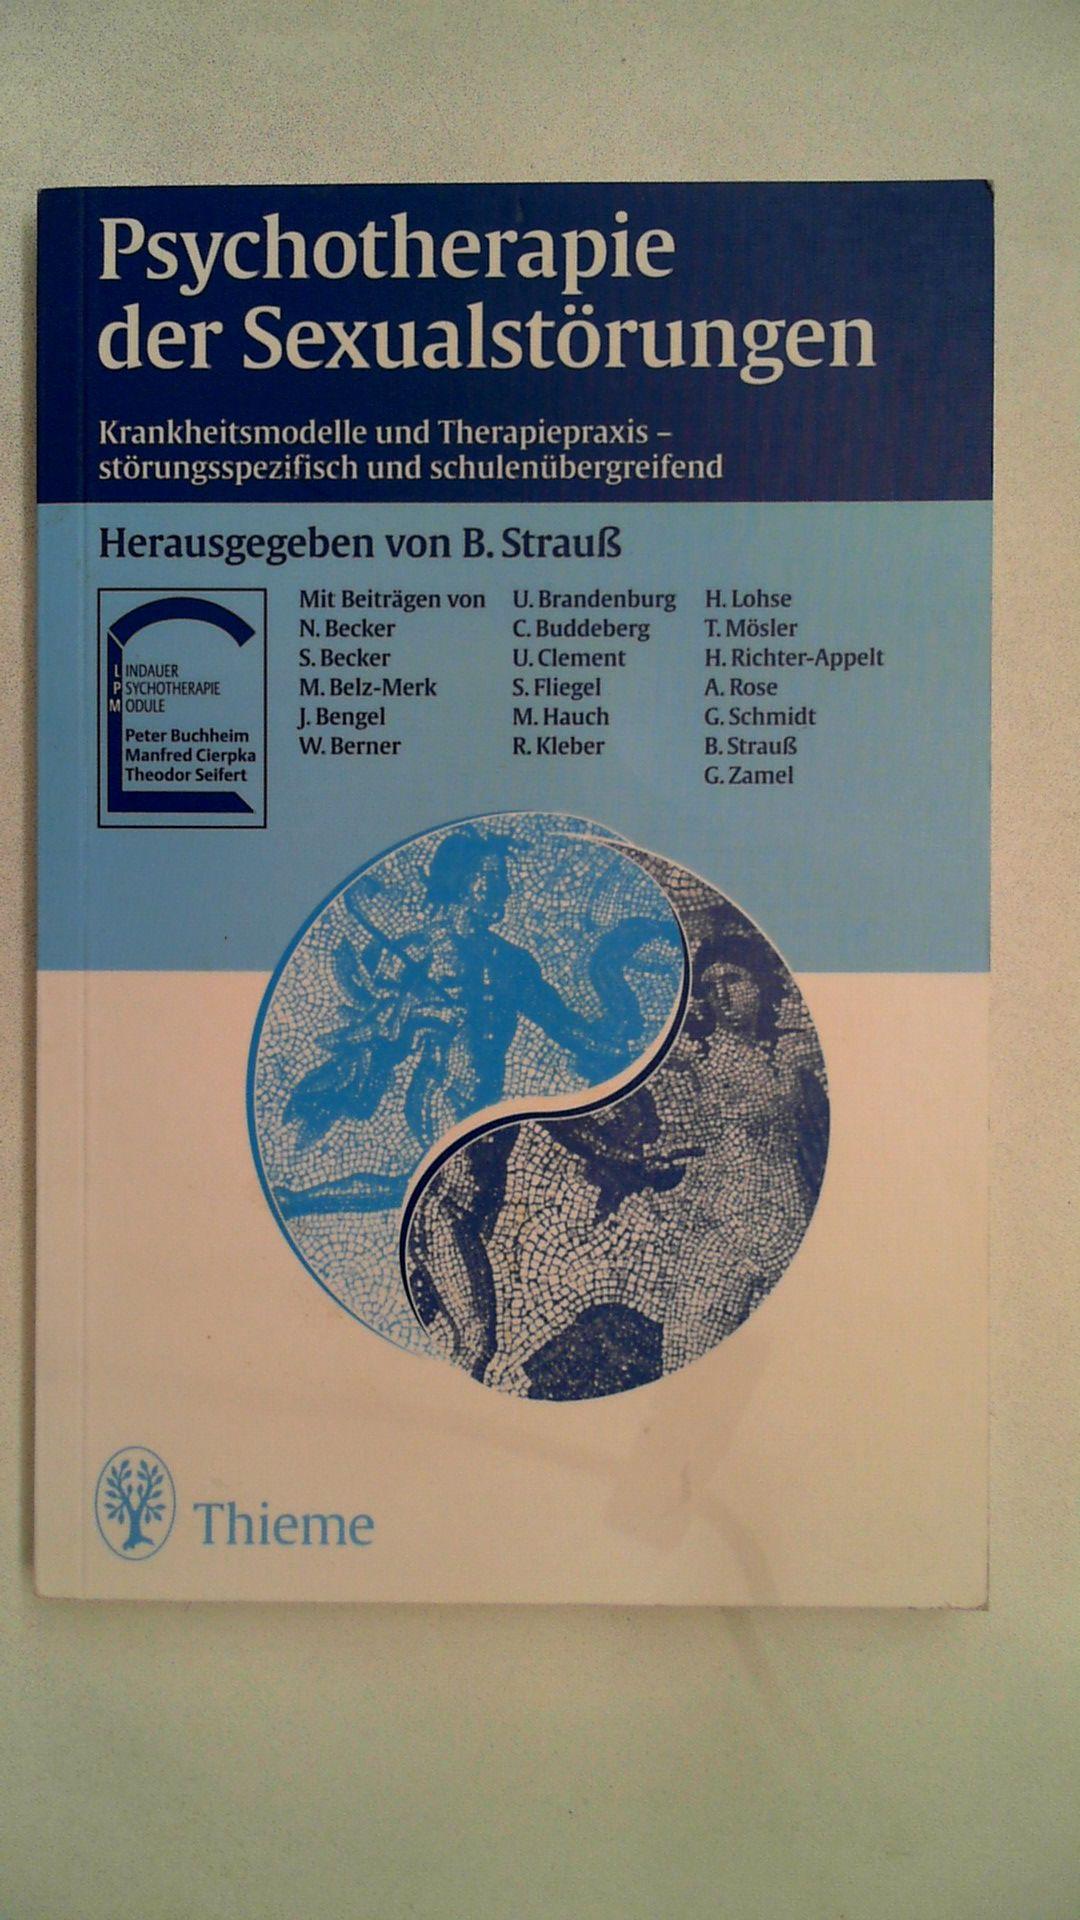 Psychotherapie der Sexualstörungen,: Strauß, Bernhard: